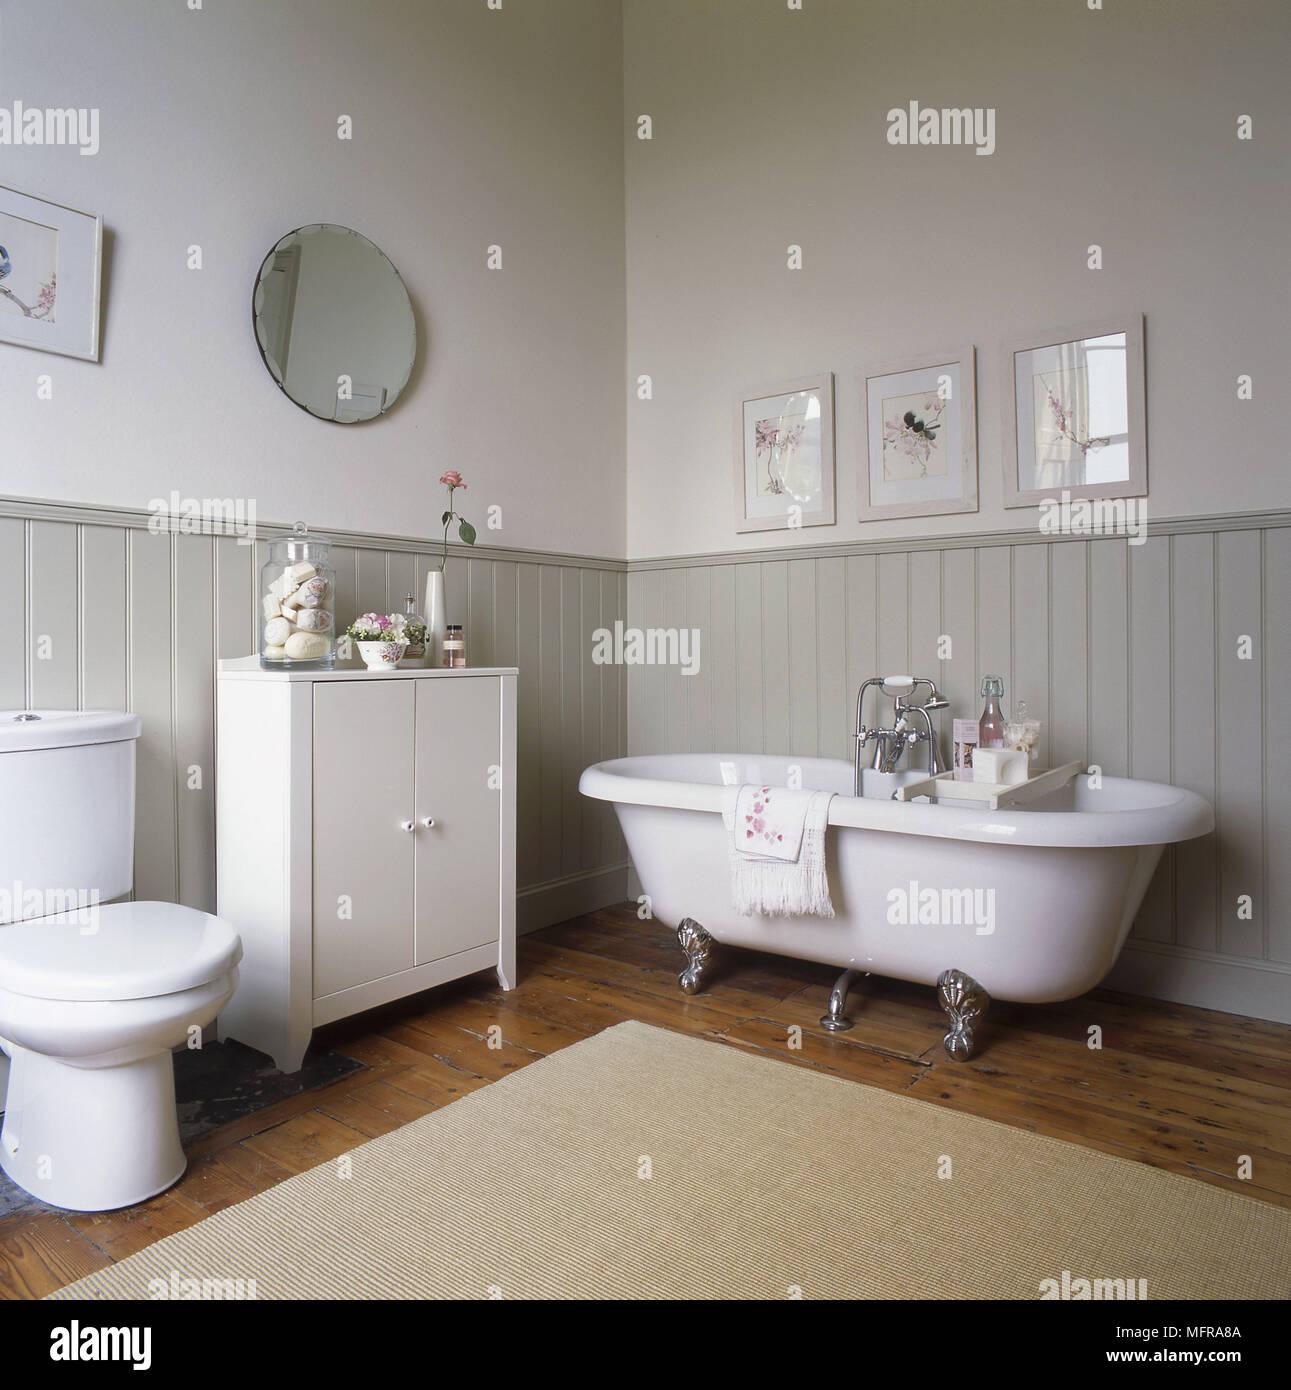 Wc und Schrank neben altmodischen Stil einer freistehenden Badewanne ...